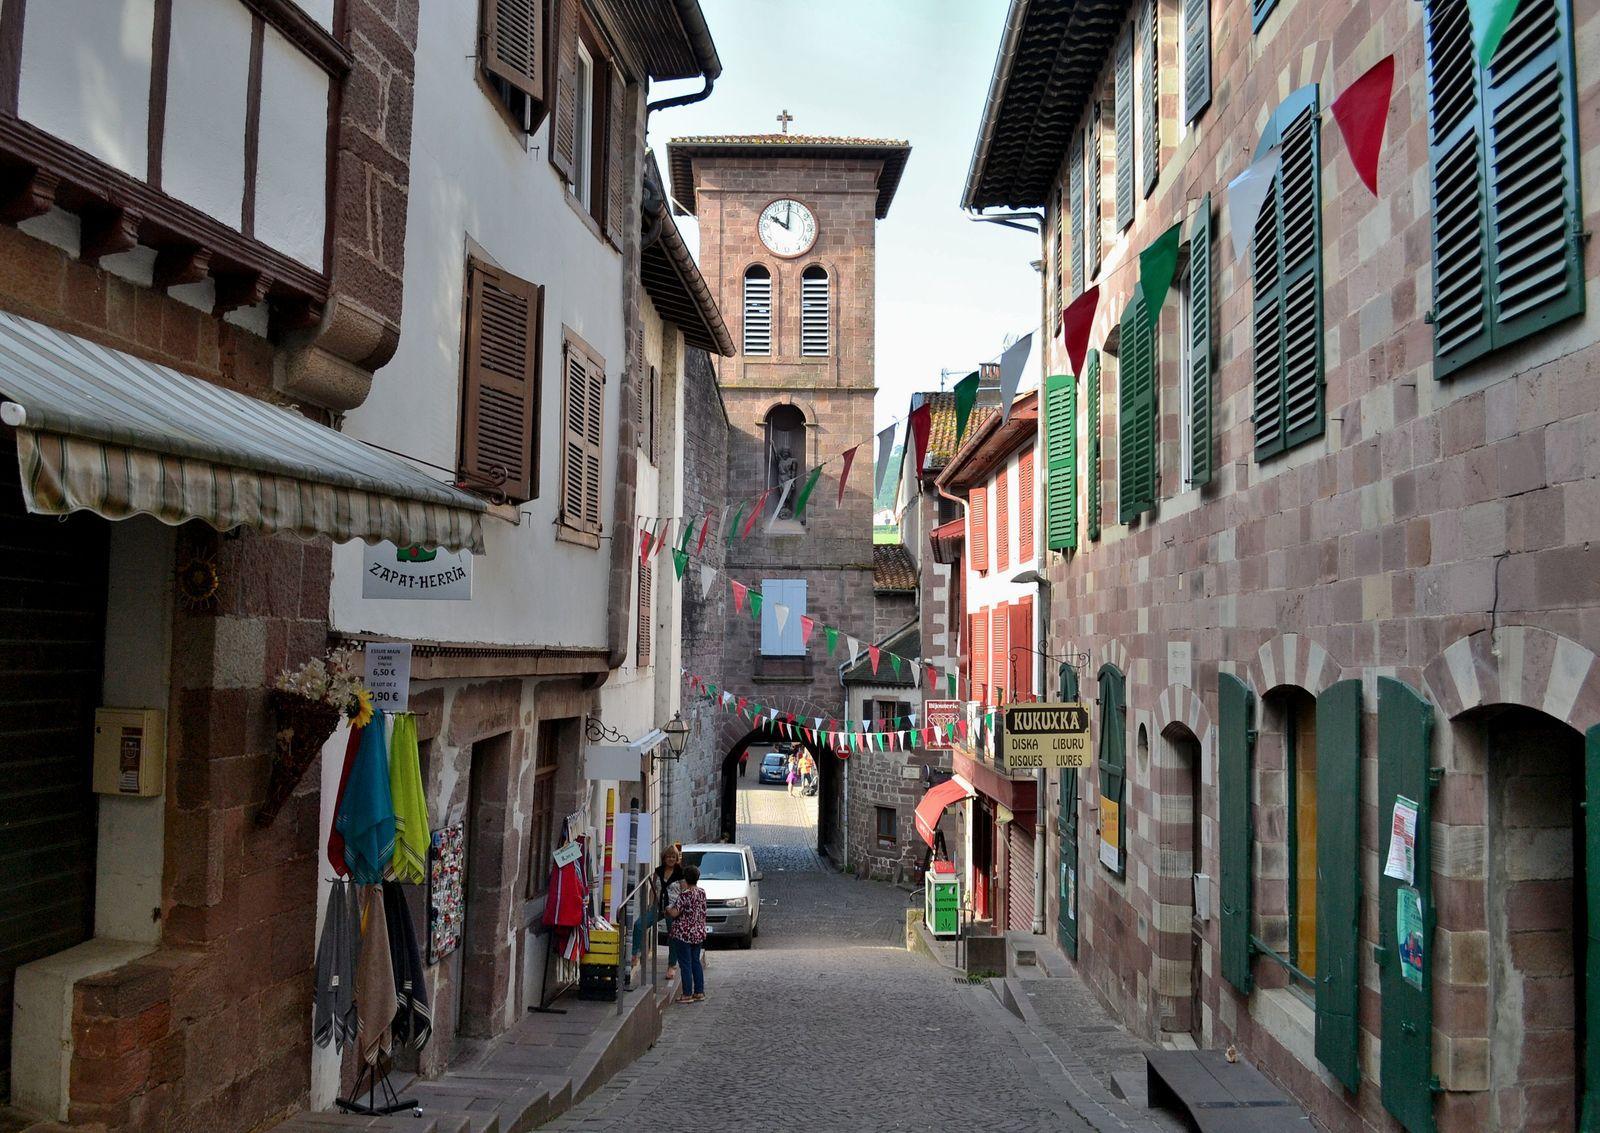 """Sur les photos ci-dessus, la charmante rue de la Citadelle, après être passés sur le pont enjambant la Nive, la rivière qui traverse le village, et sous la porte de Navarre. Longtemps surnommée """"Porte du Marché"""" car c'est là que se tenait le marché médiéval dès 1258..."""